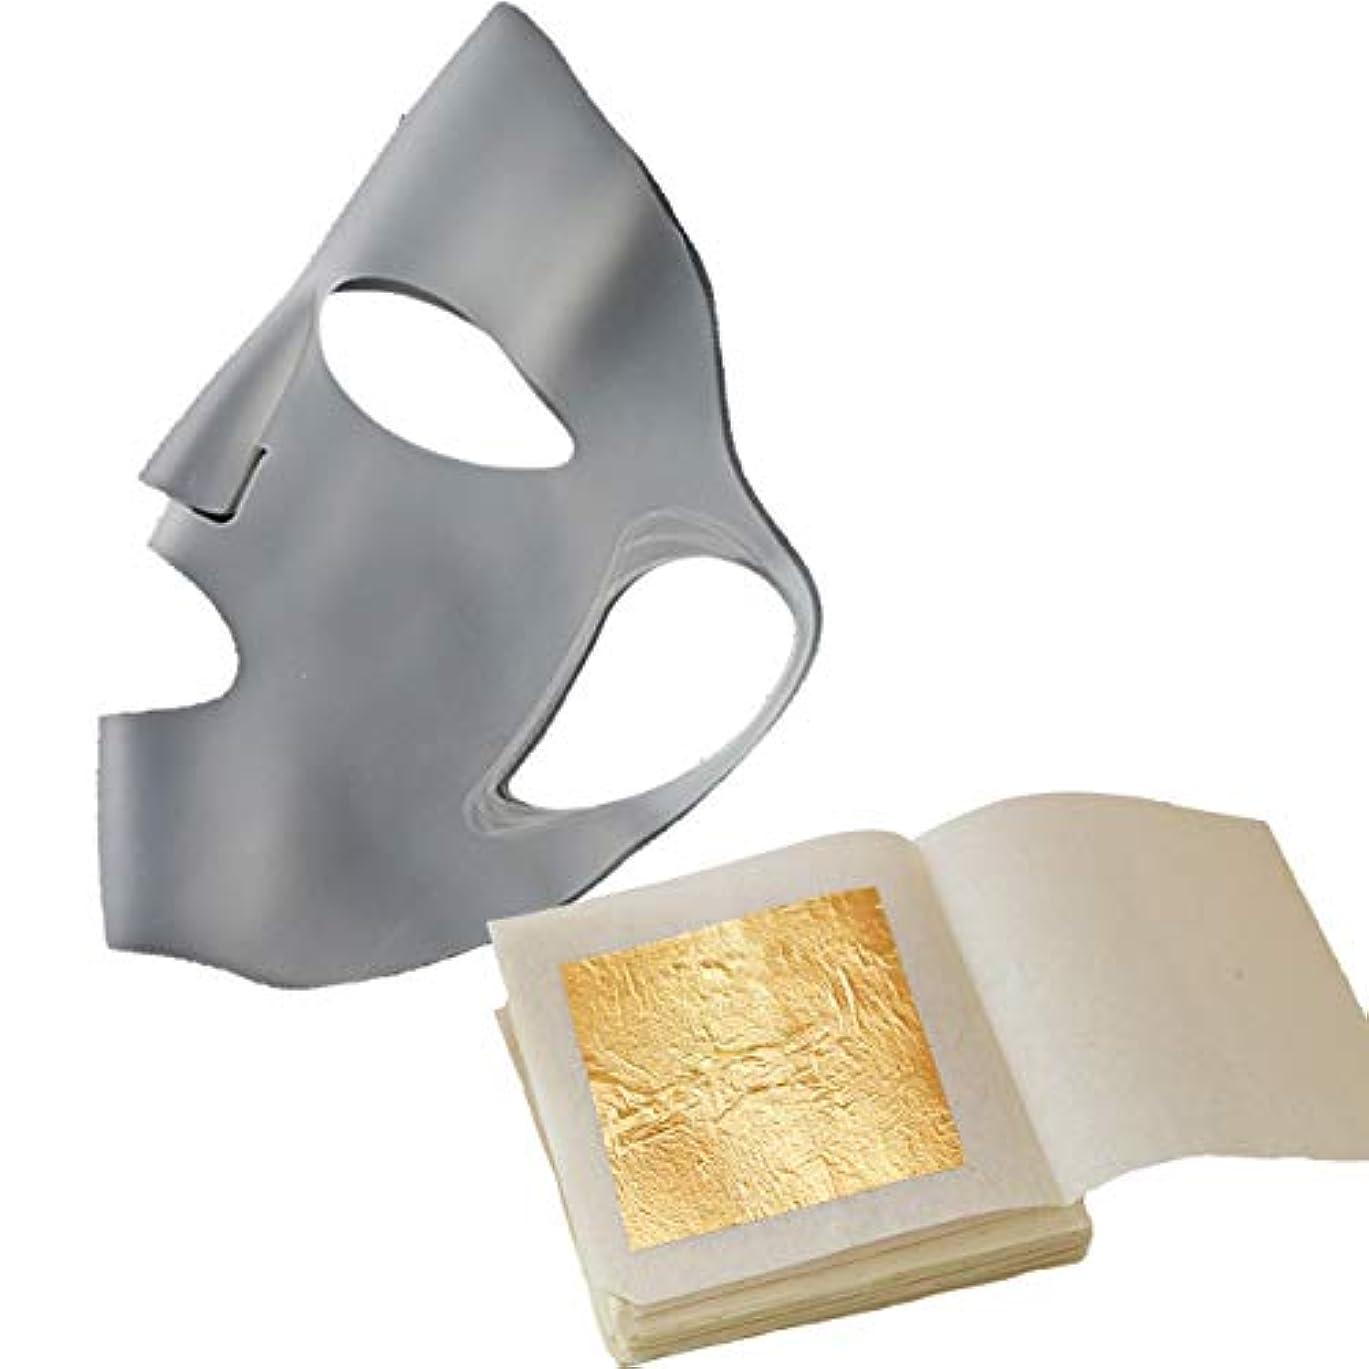 学習者コショウロールフェリモア 美容ゴールドエステ 金箔美容エステ 金箔フェイスパック スキンケア フェイスマスク付属 (2点セット)